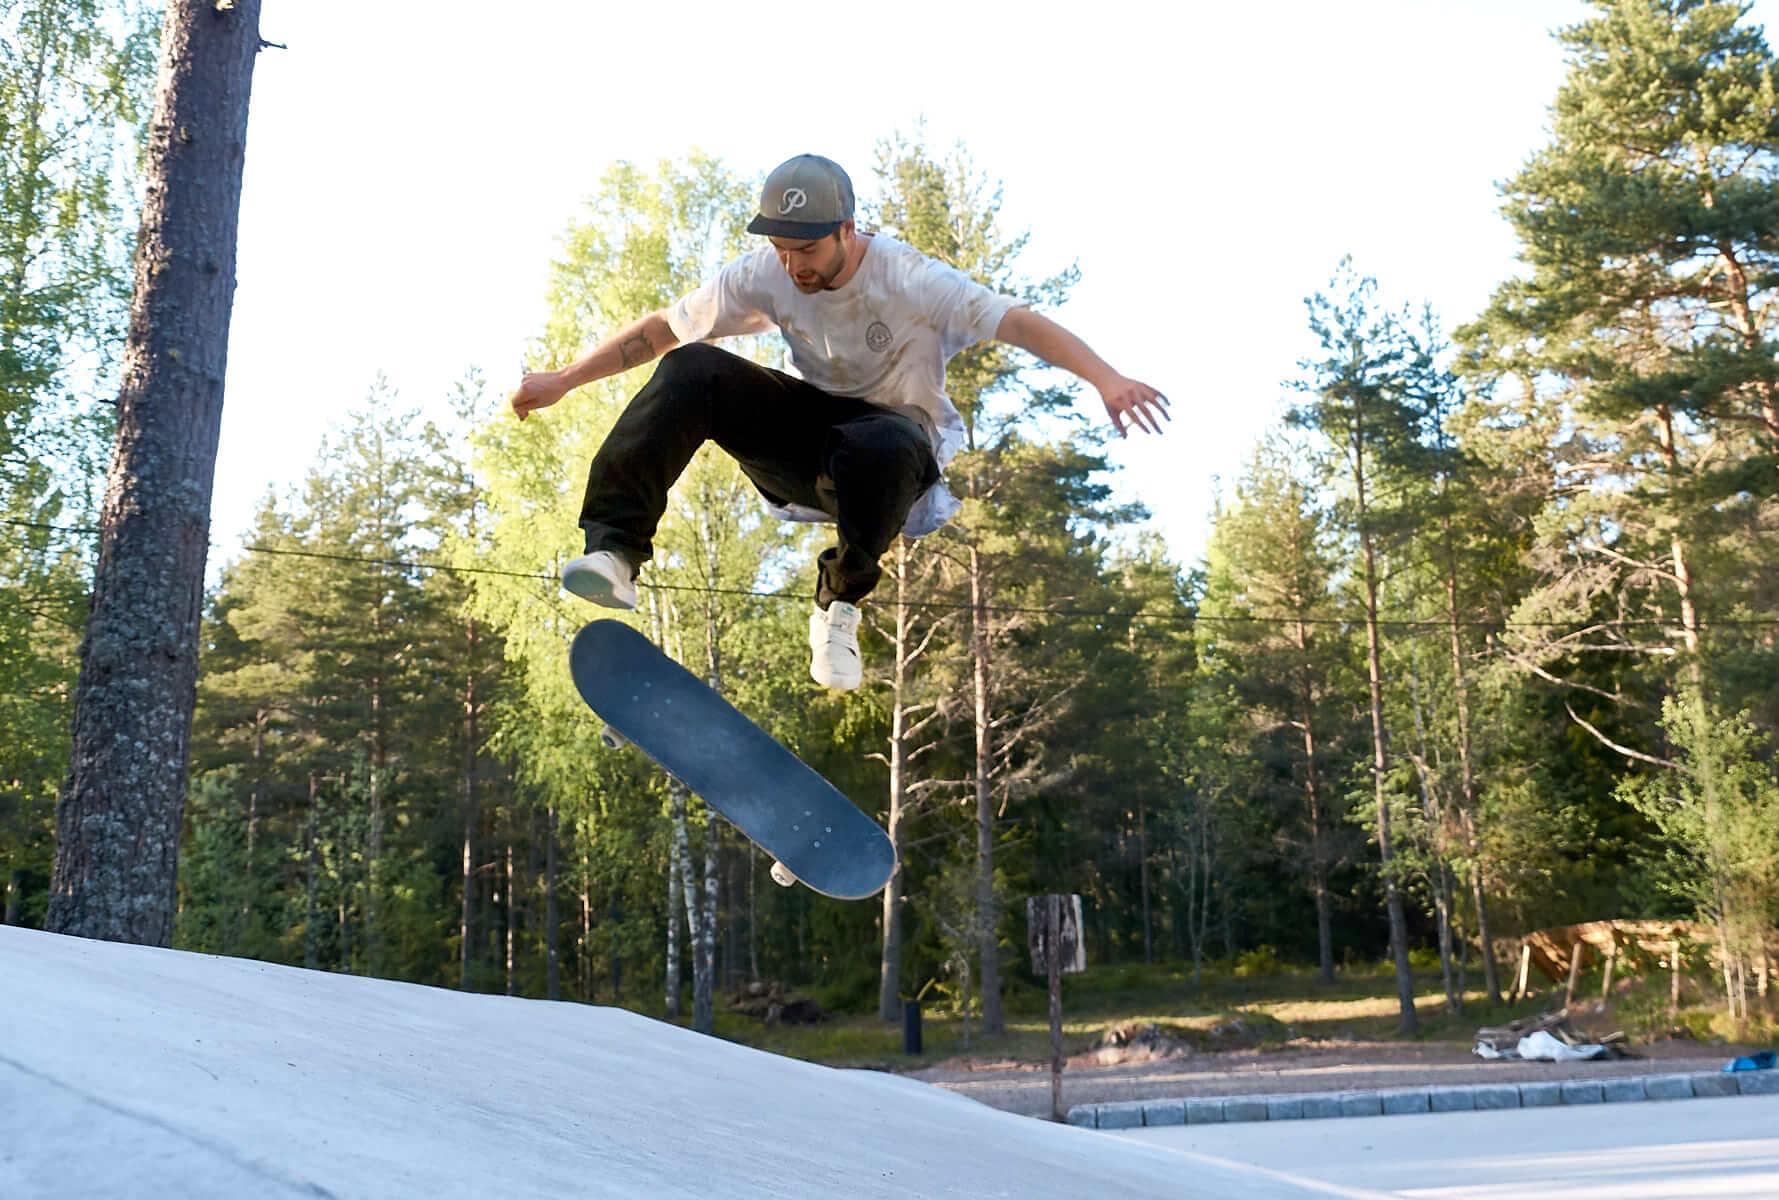 Skateboardåkare gör trick i parkens streetdelen